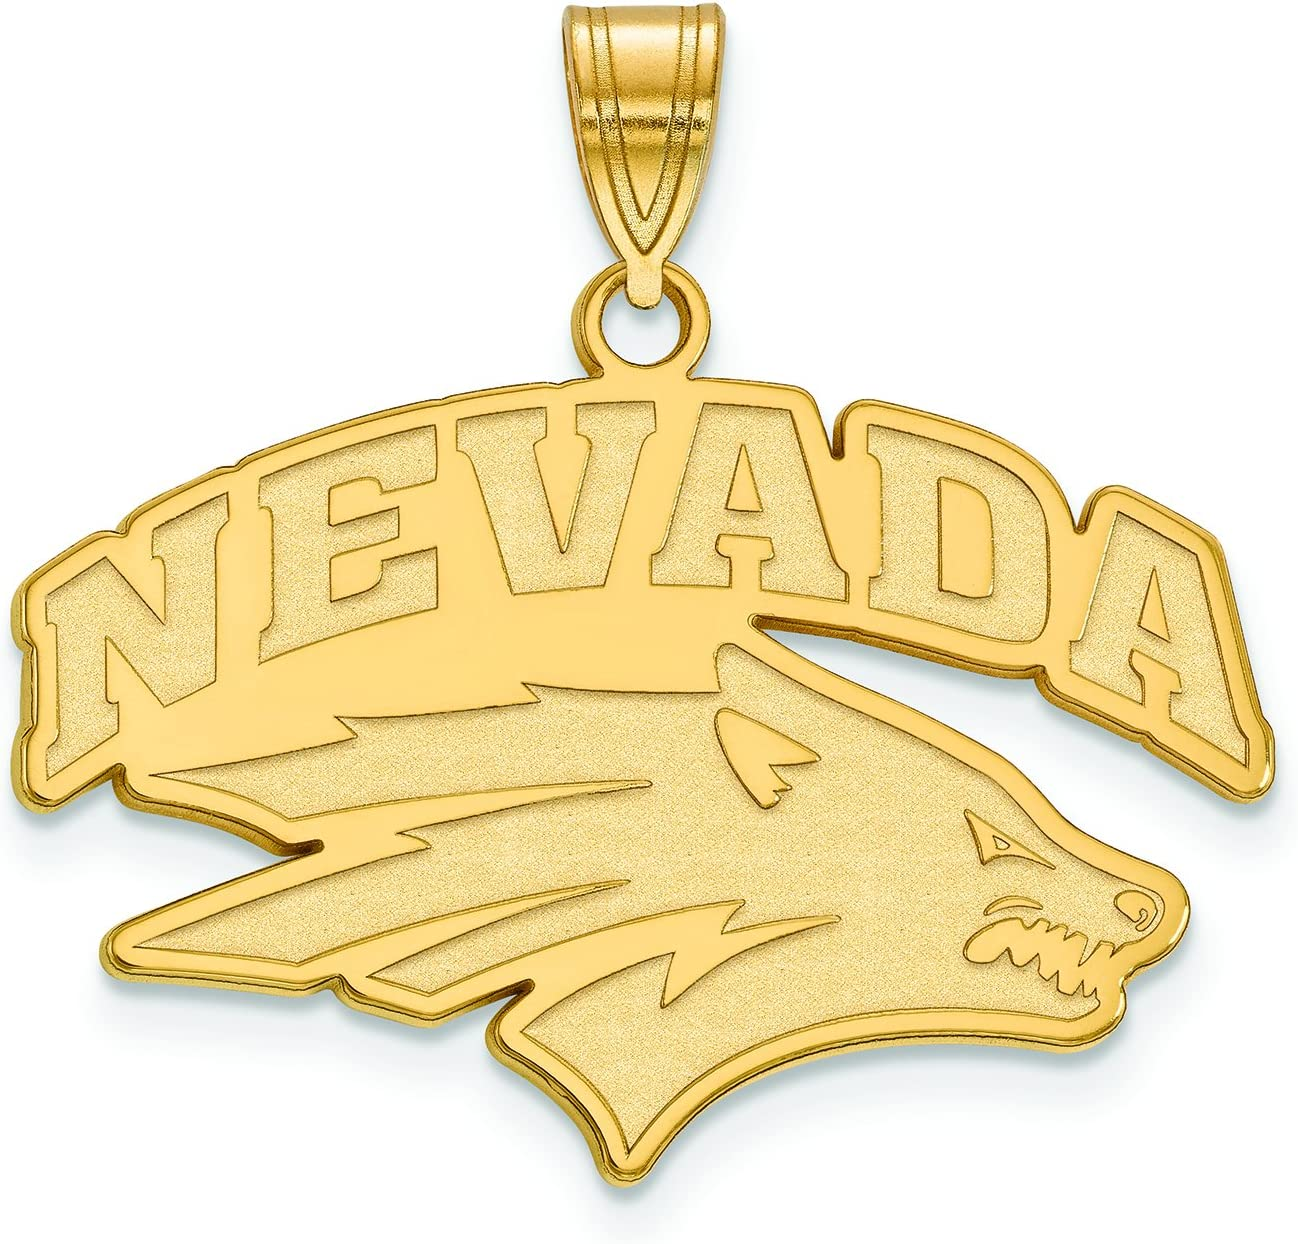 Nevada Large ( 3 / 4インチ)ペンダント( 10 Kイエローゴールド)